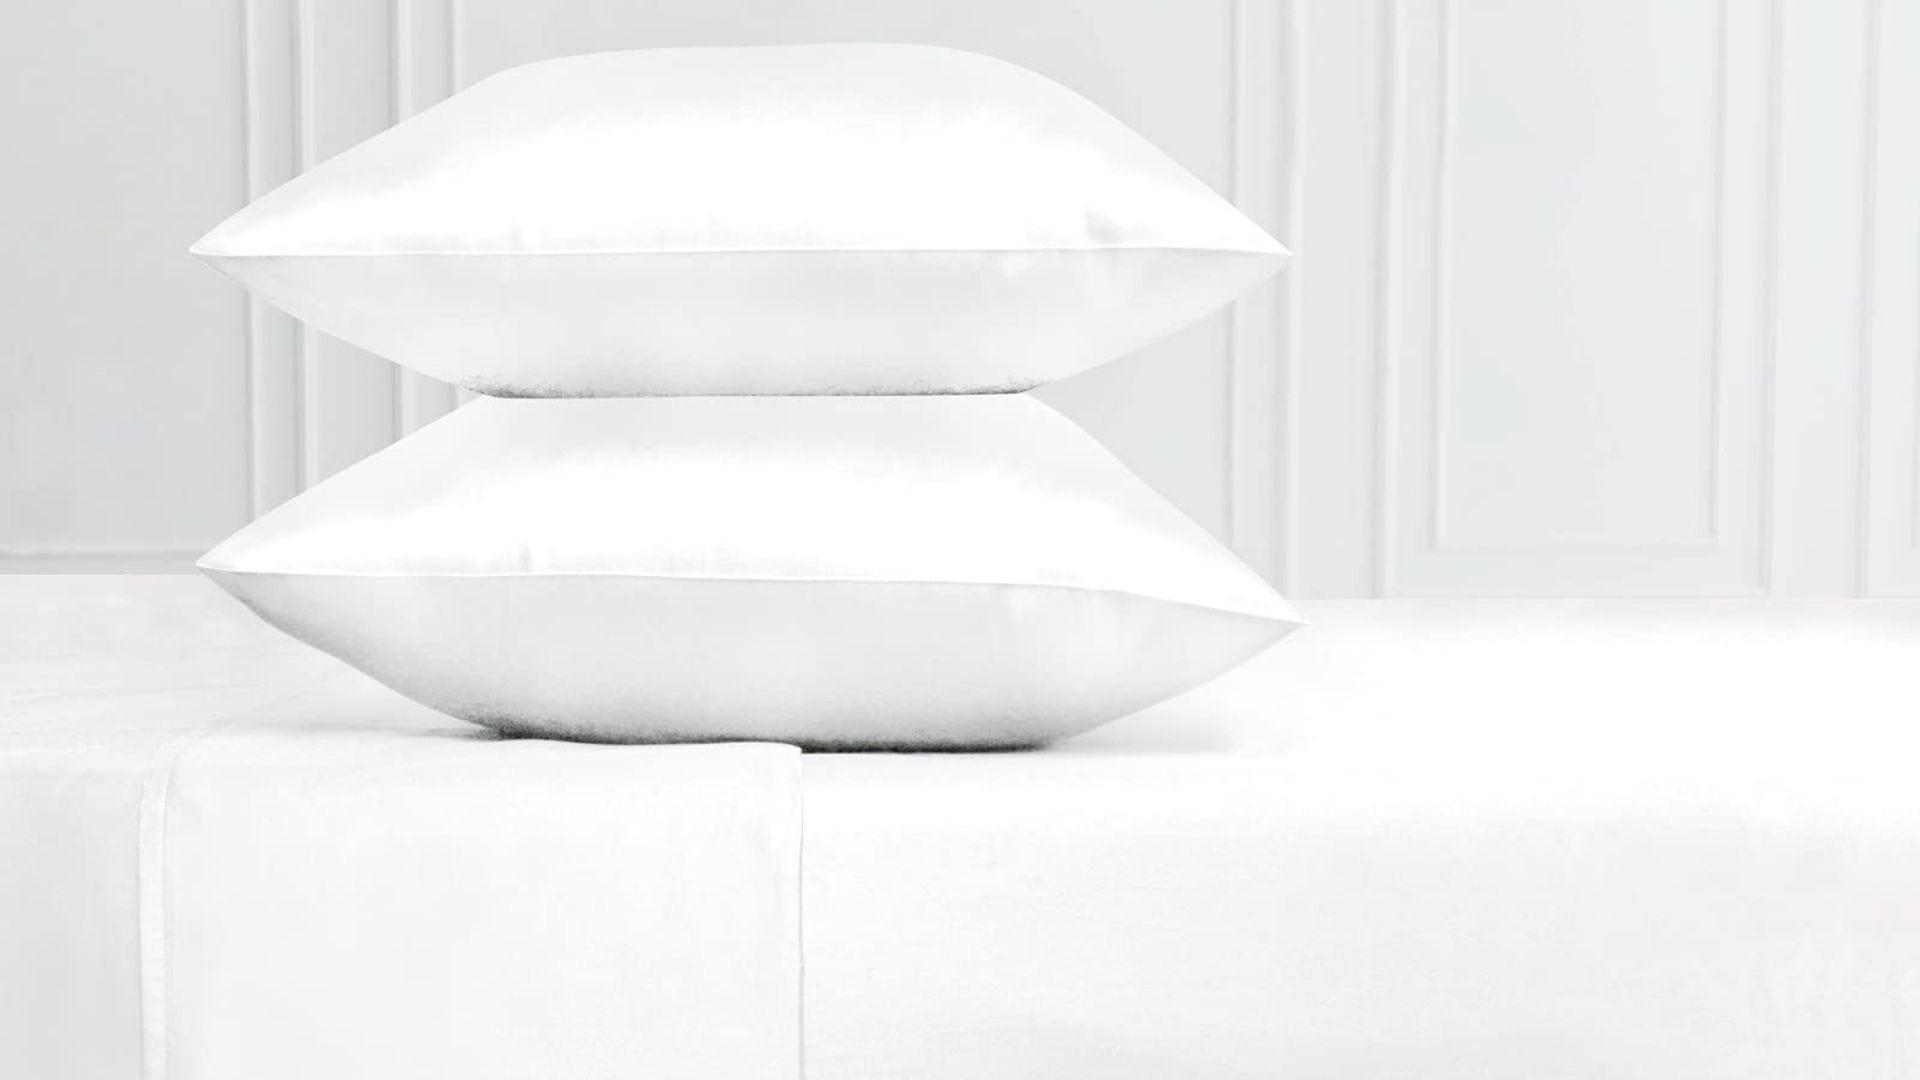 Две белые подушки сложены на кровати с новыми белыми хлопковыми простынями.